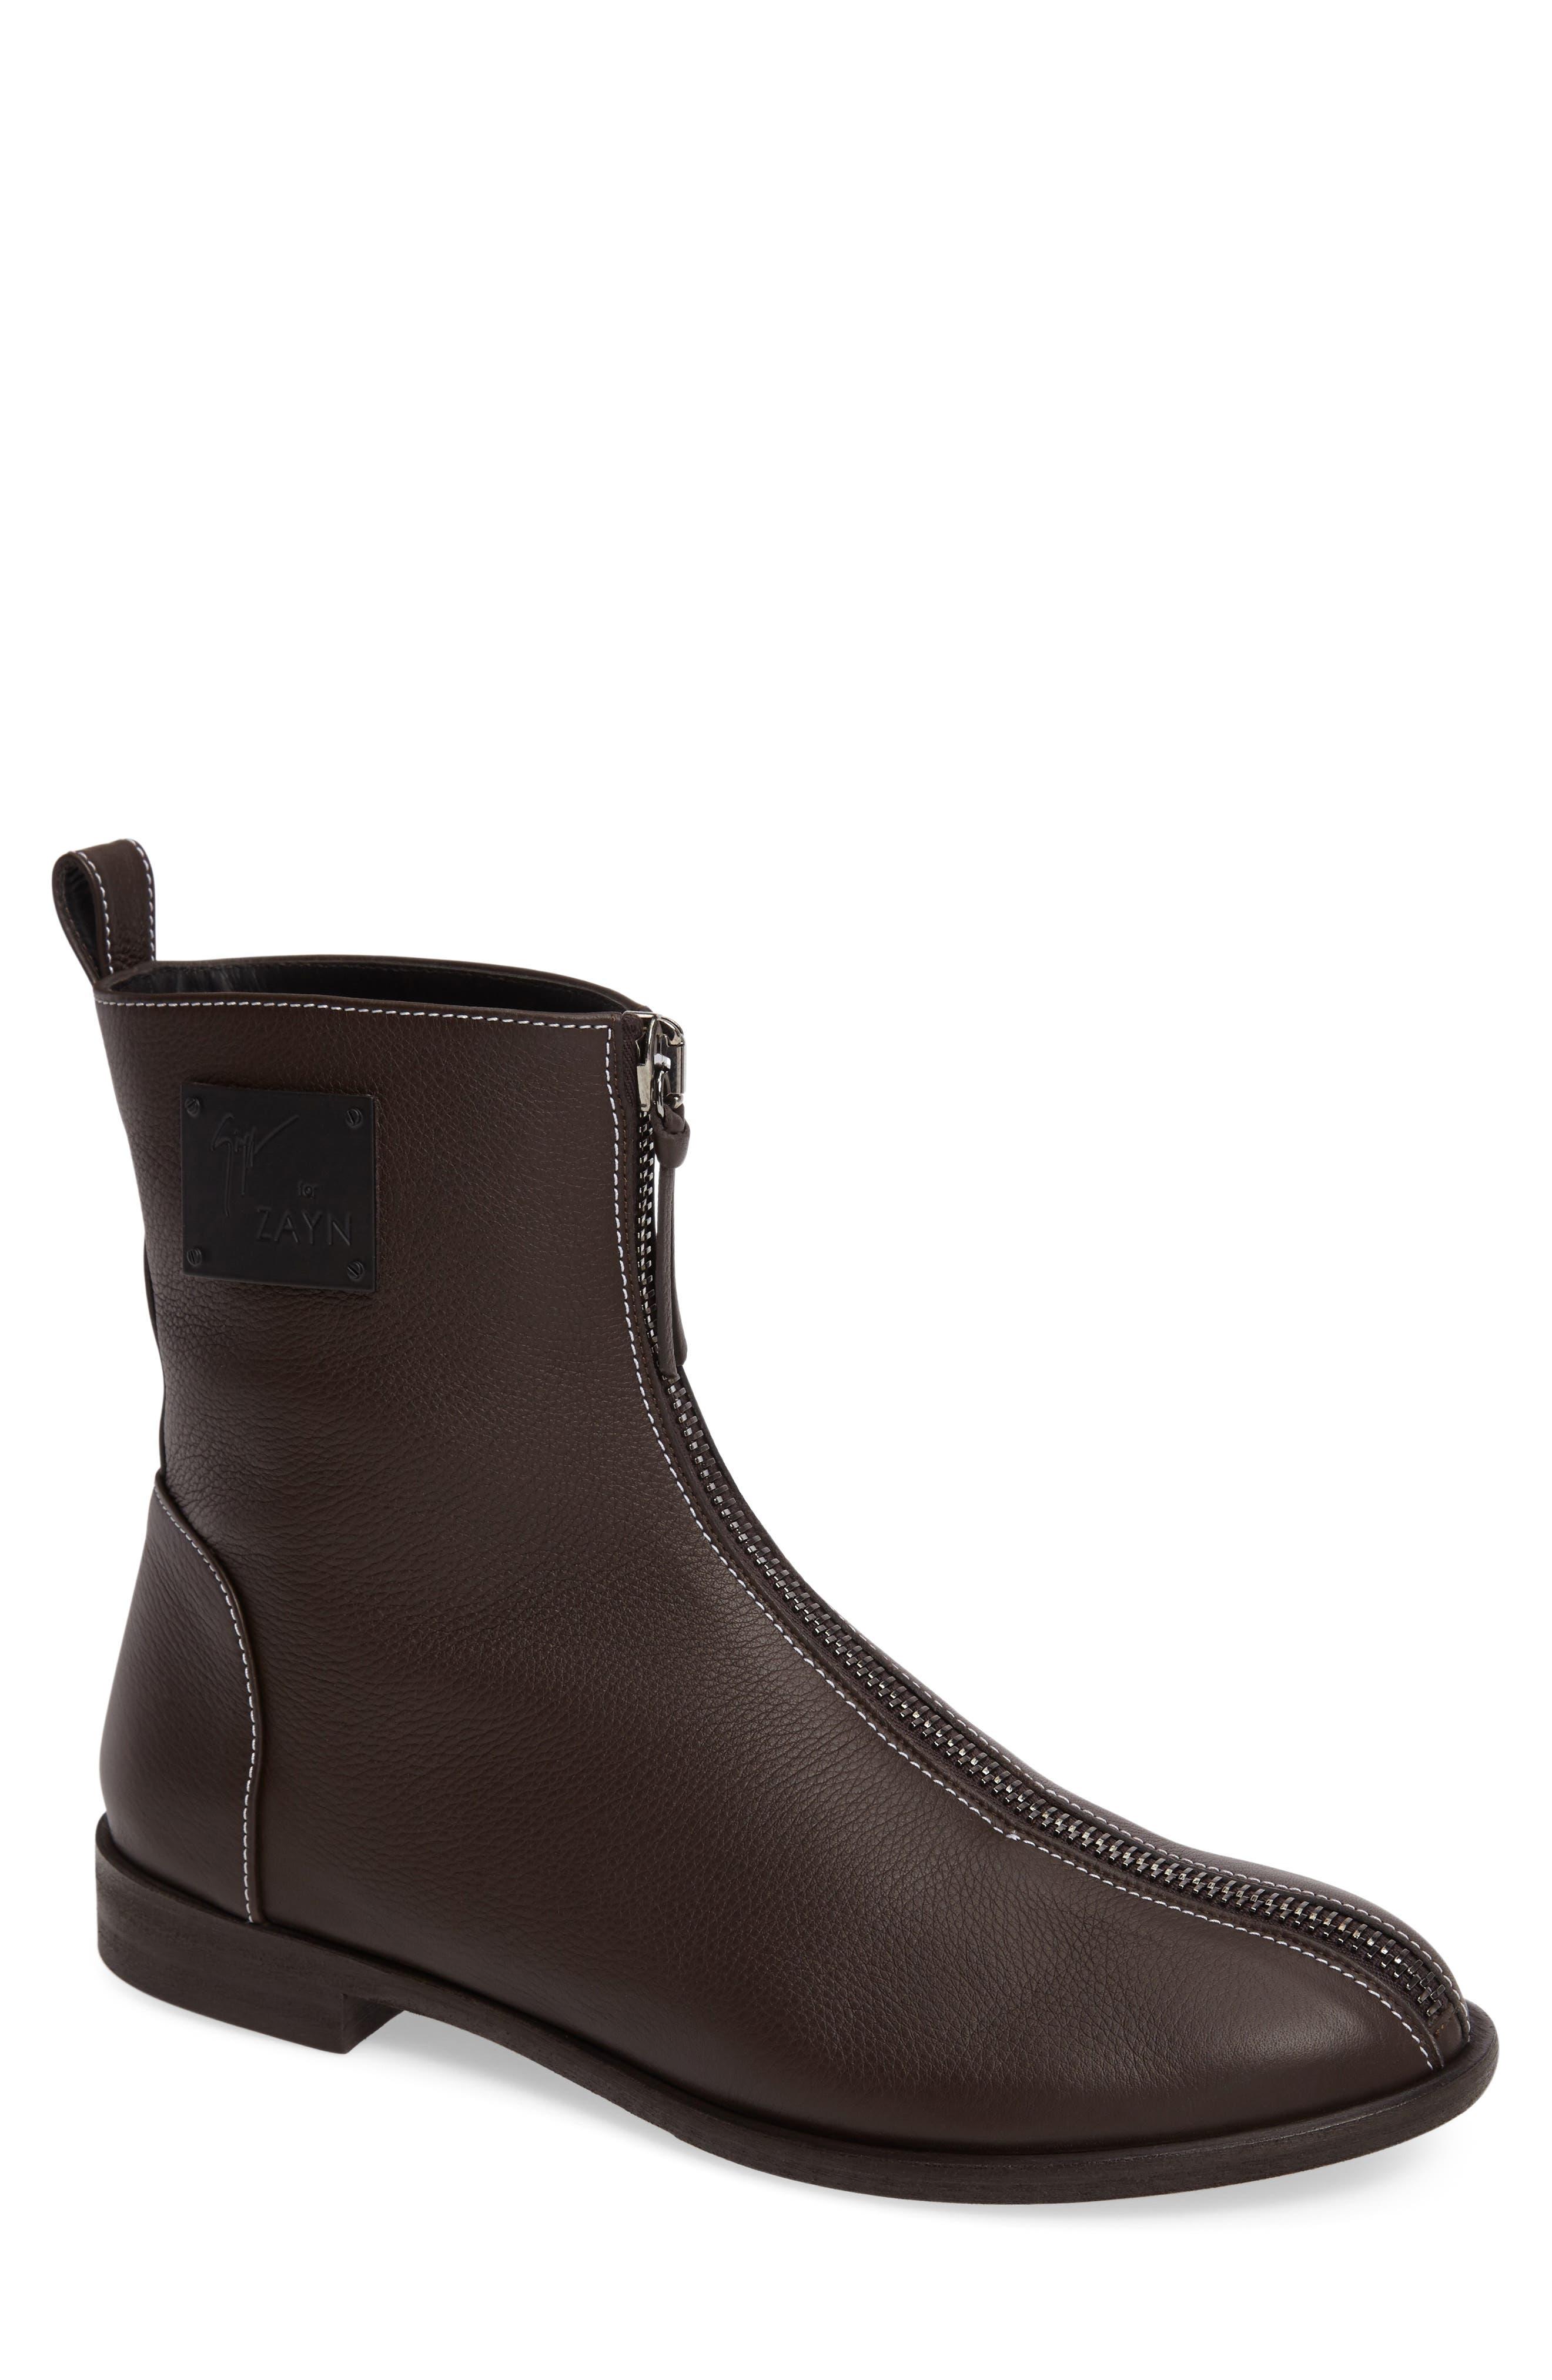 GIUSEPPE ZANOTTI x Zayn Zip Boot, Main, color, 200